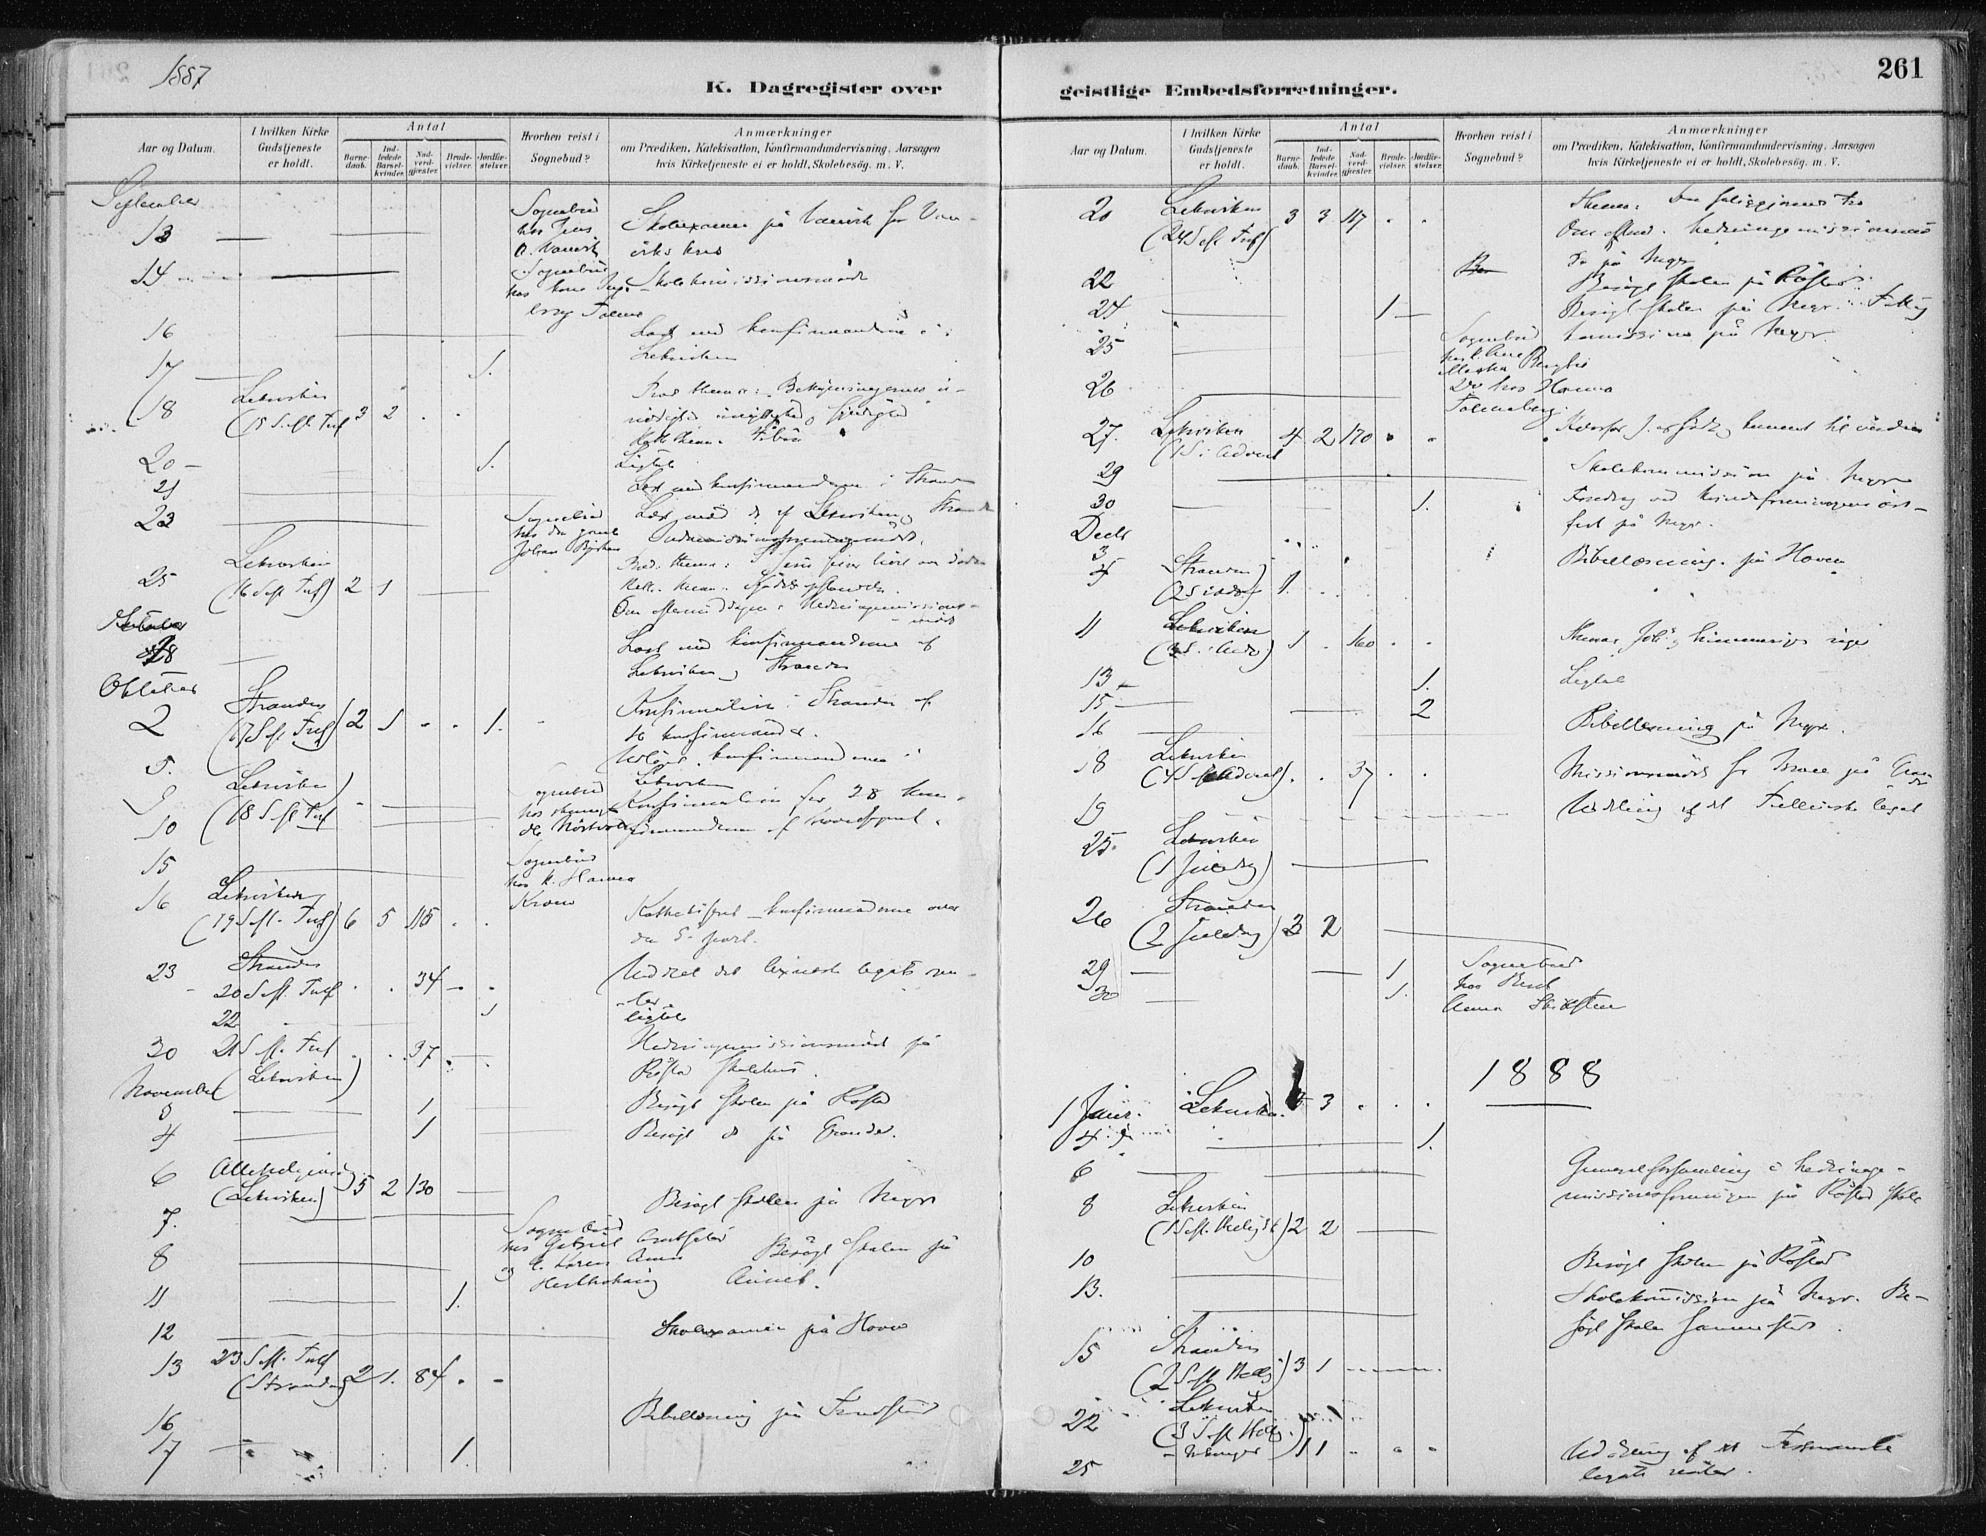 SAT, Ministerialprotokoller, klokkerbøker og fødselsregistre - Nord-Trøndelag, 701/L0010: Ministerialbok nr. 701A10, 1883-1899, s. 261